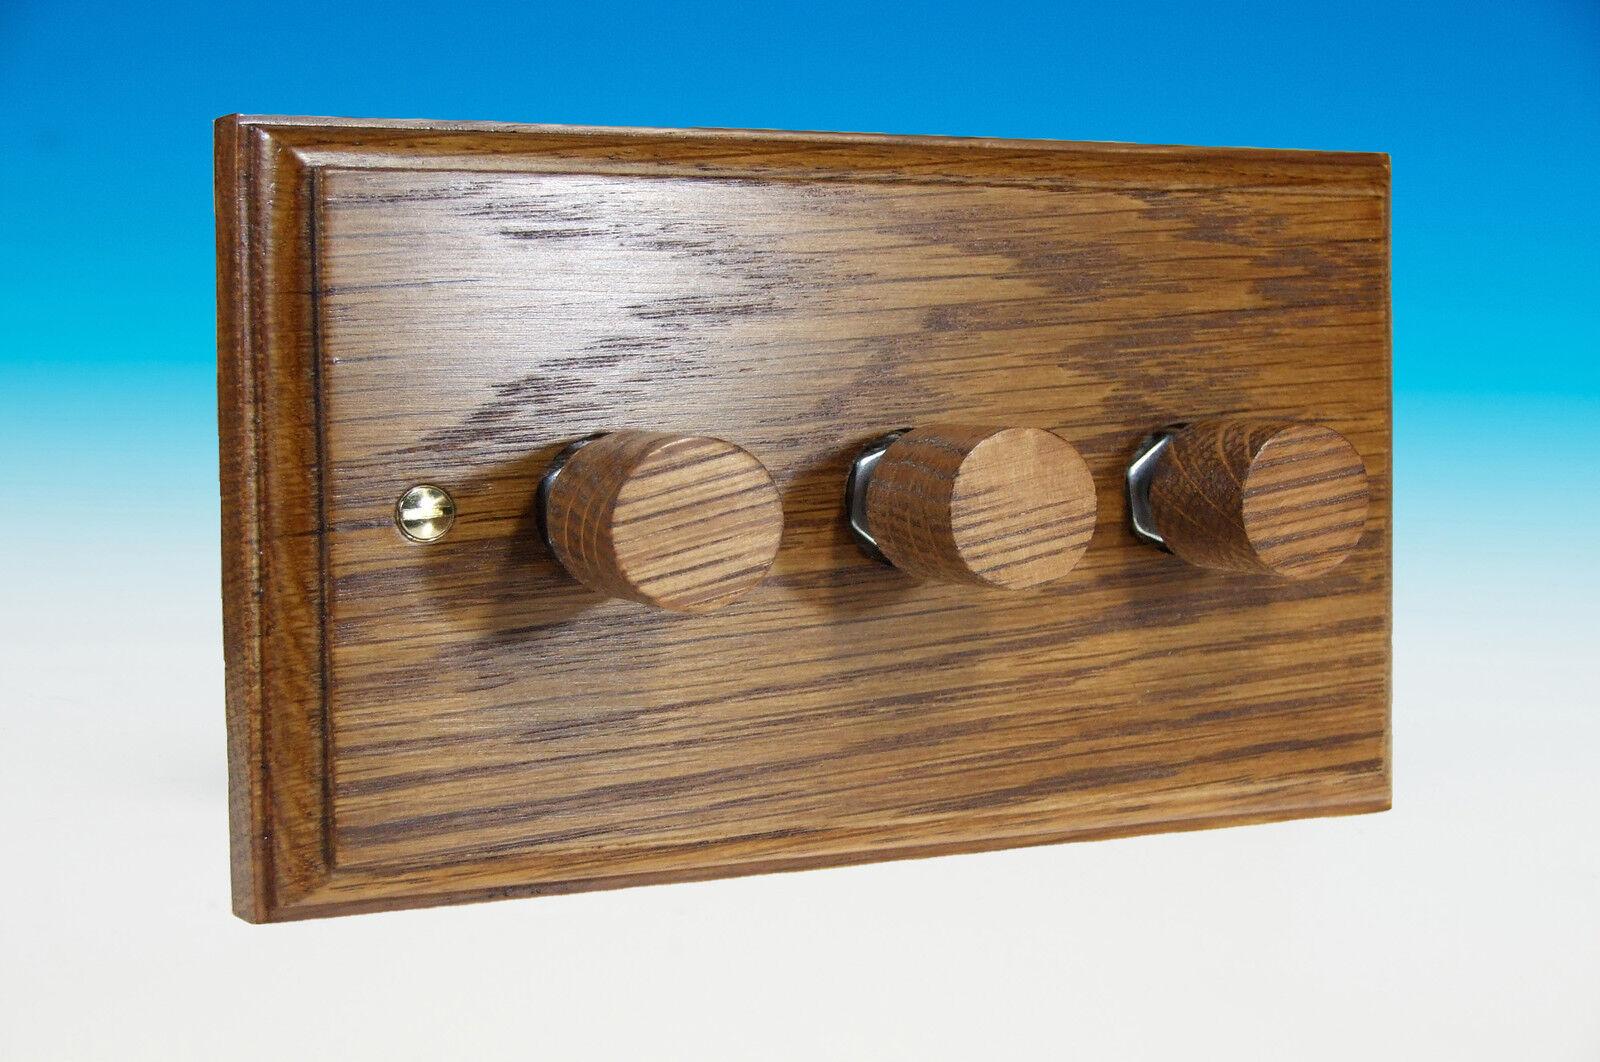 Varilight Dimmer 3-Gang 2-Way Push-on/off Rotary Dimmer Varilight Interrupteur De Lumière 3 X 40-250 W (Twin b9dac7